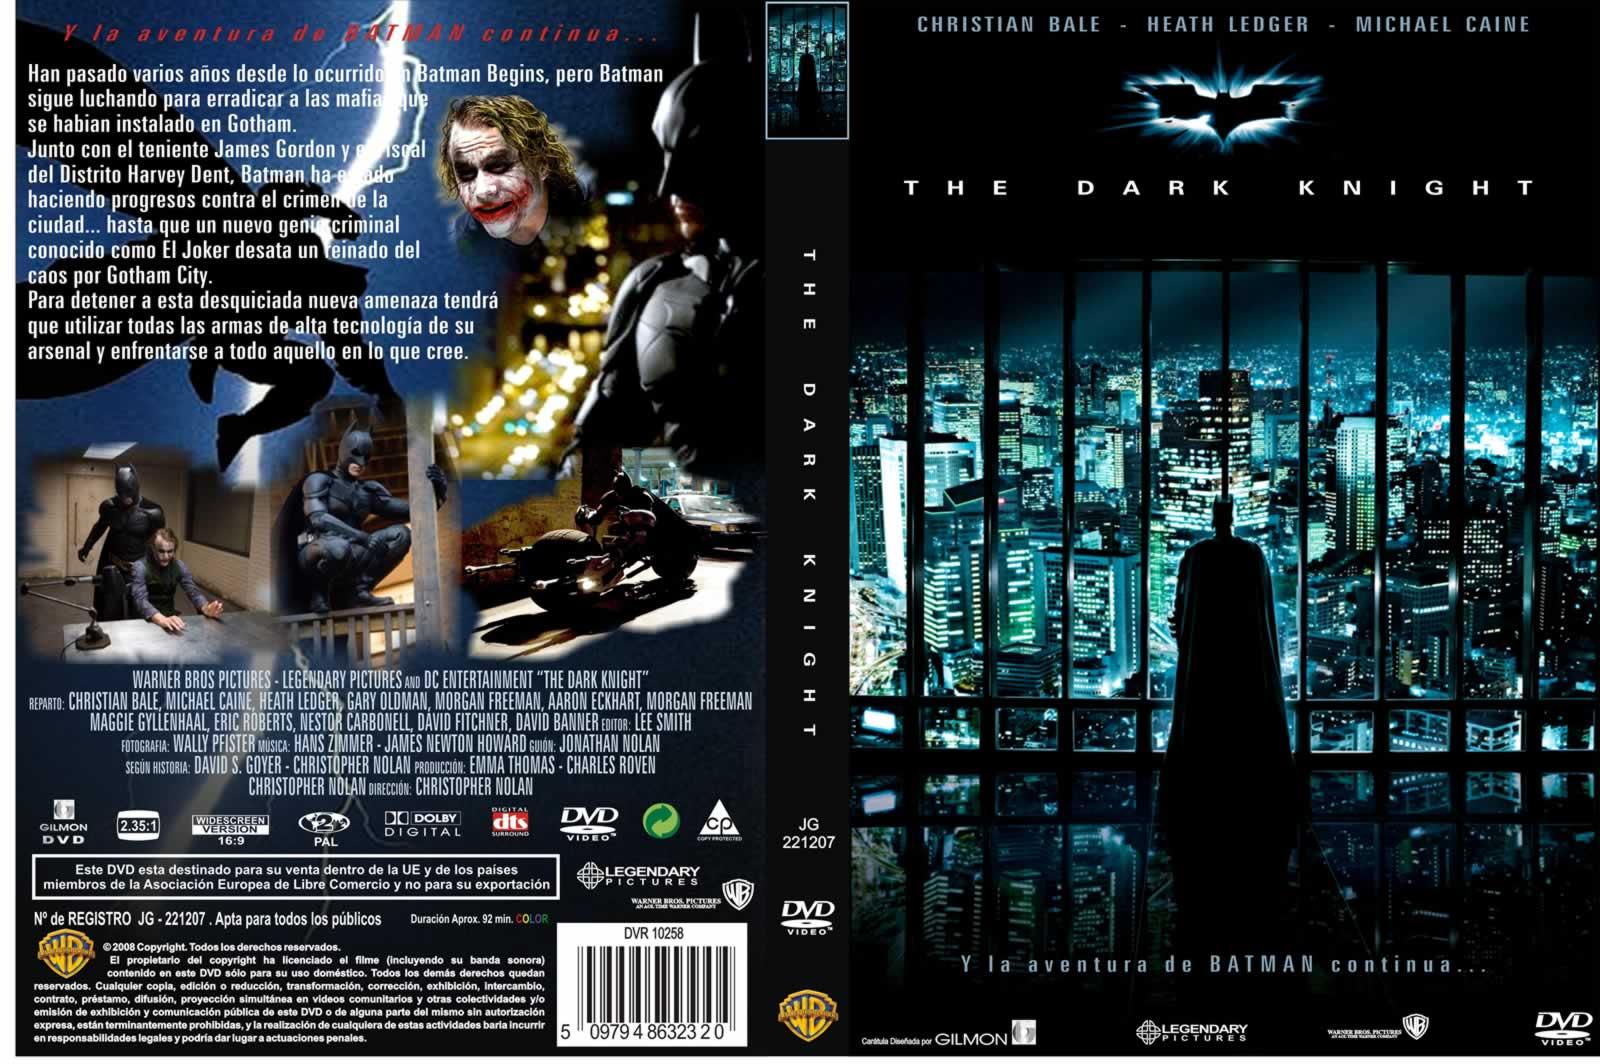 http://1.bp.blogspot.com/-v3qwu82cEzs/T6vQGtaxivI/AAAAAAAAAFk/-g2dtryRigU/s1600/0001+The+Dark+Knight.jpg